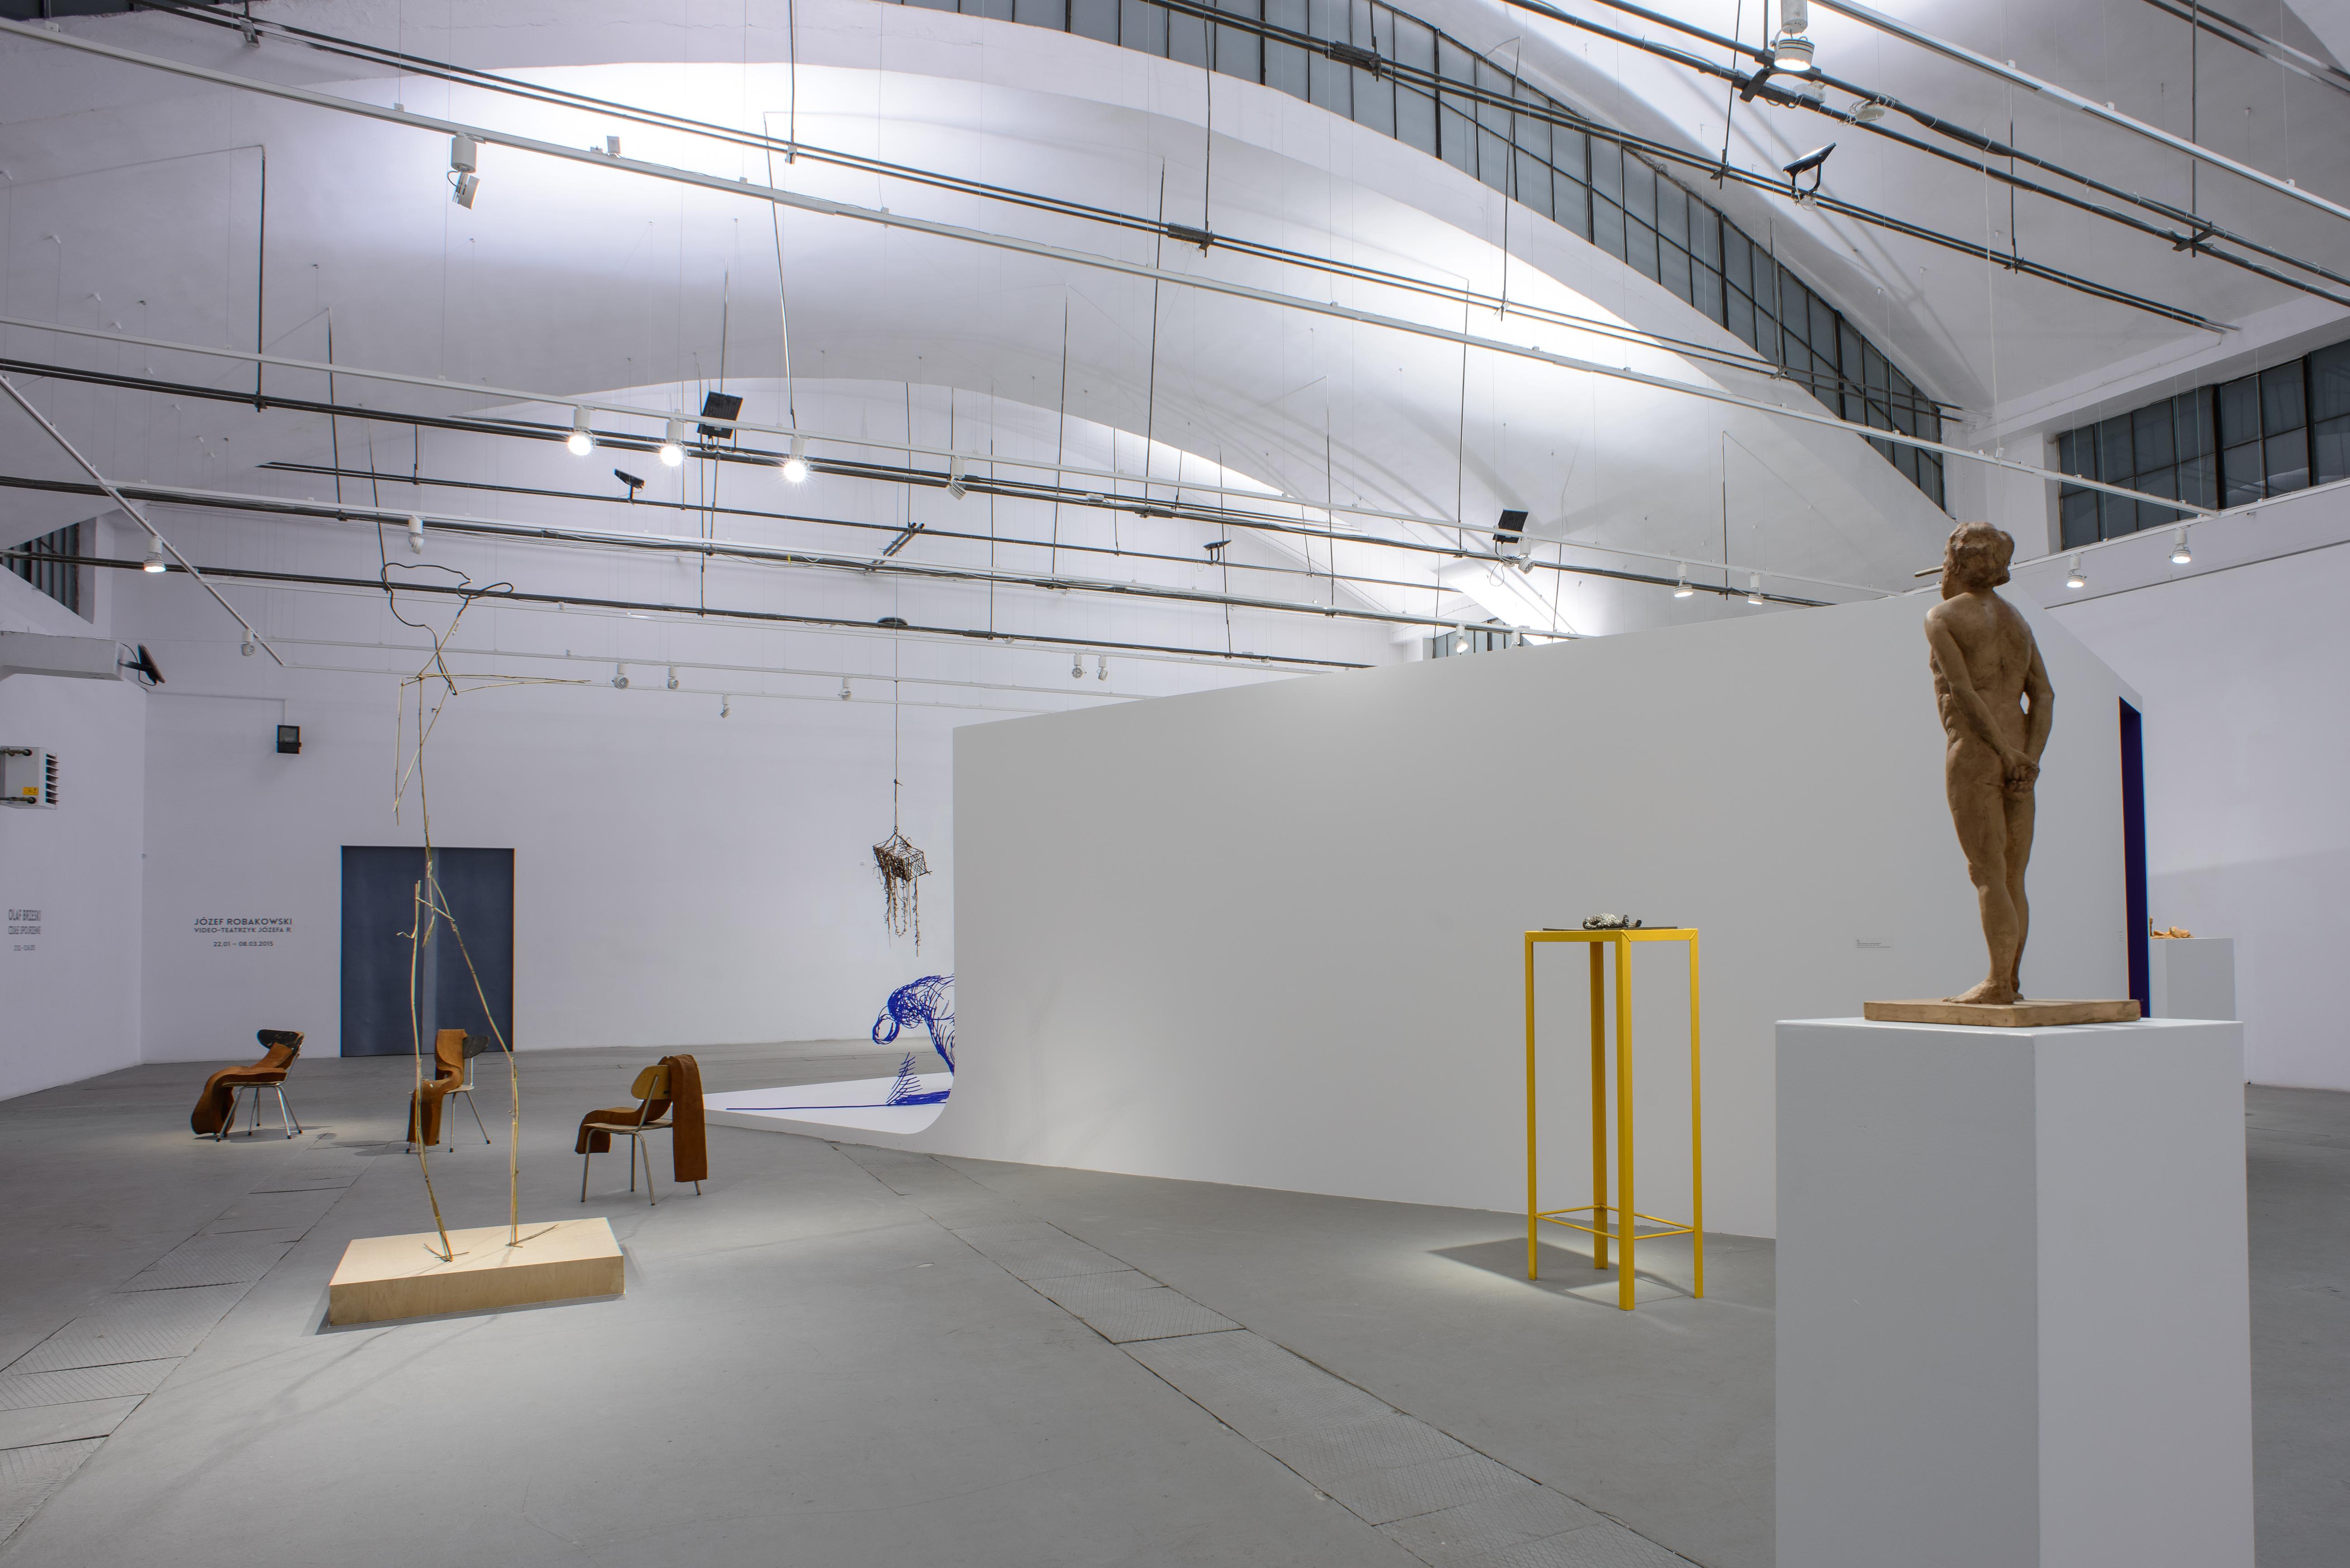 Olaf Brzeski, Czułe spojrzenie, widok wystawy